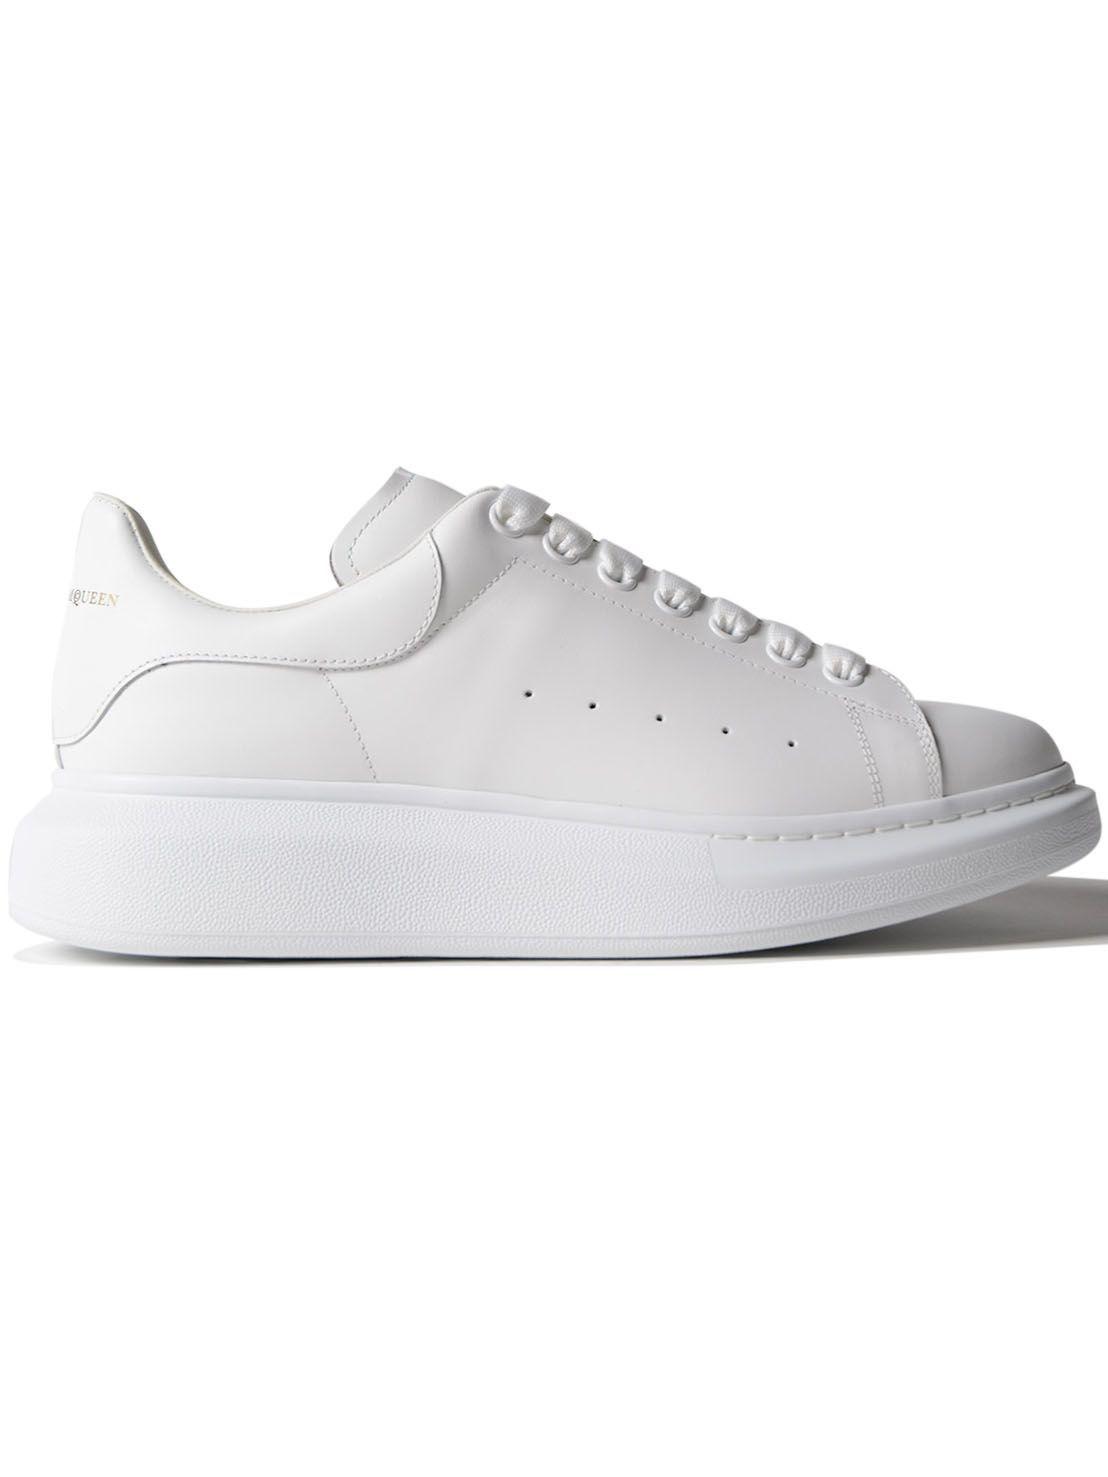 Alexander Mcqueen Oversized Sneakers Alexandermcqueen Shoes